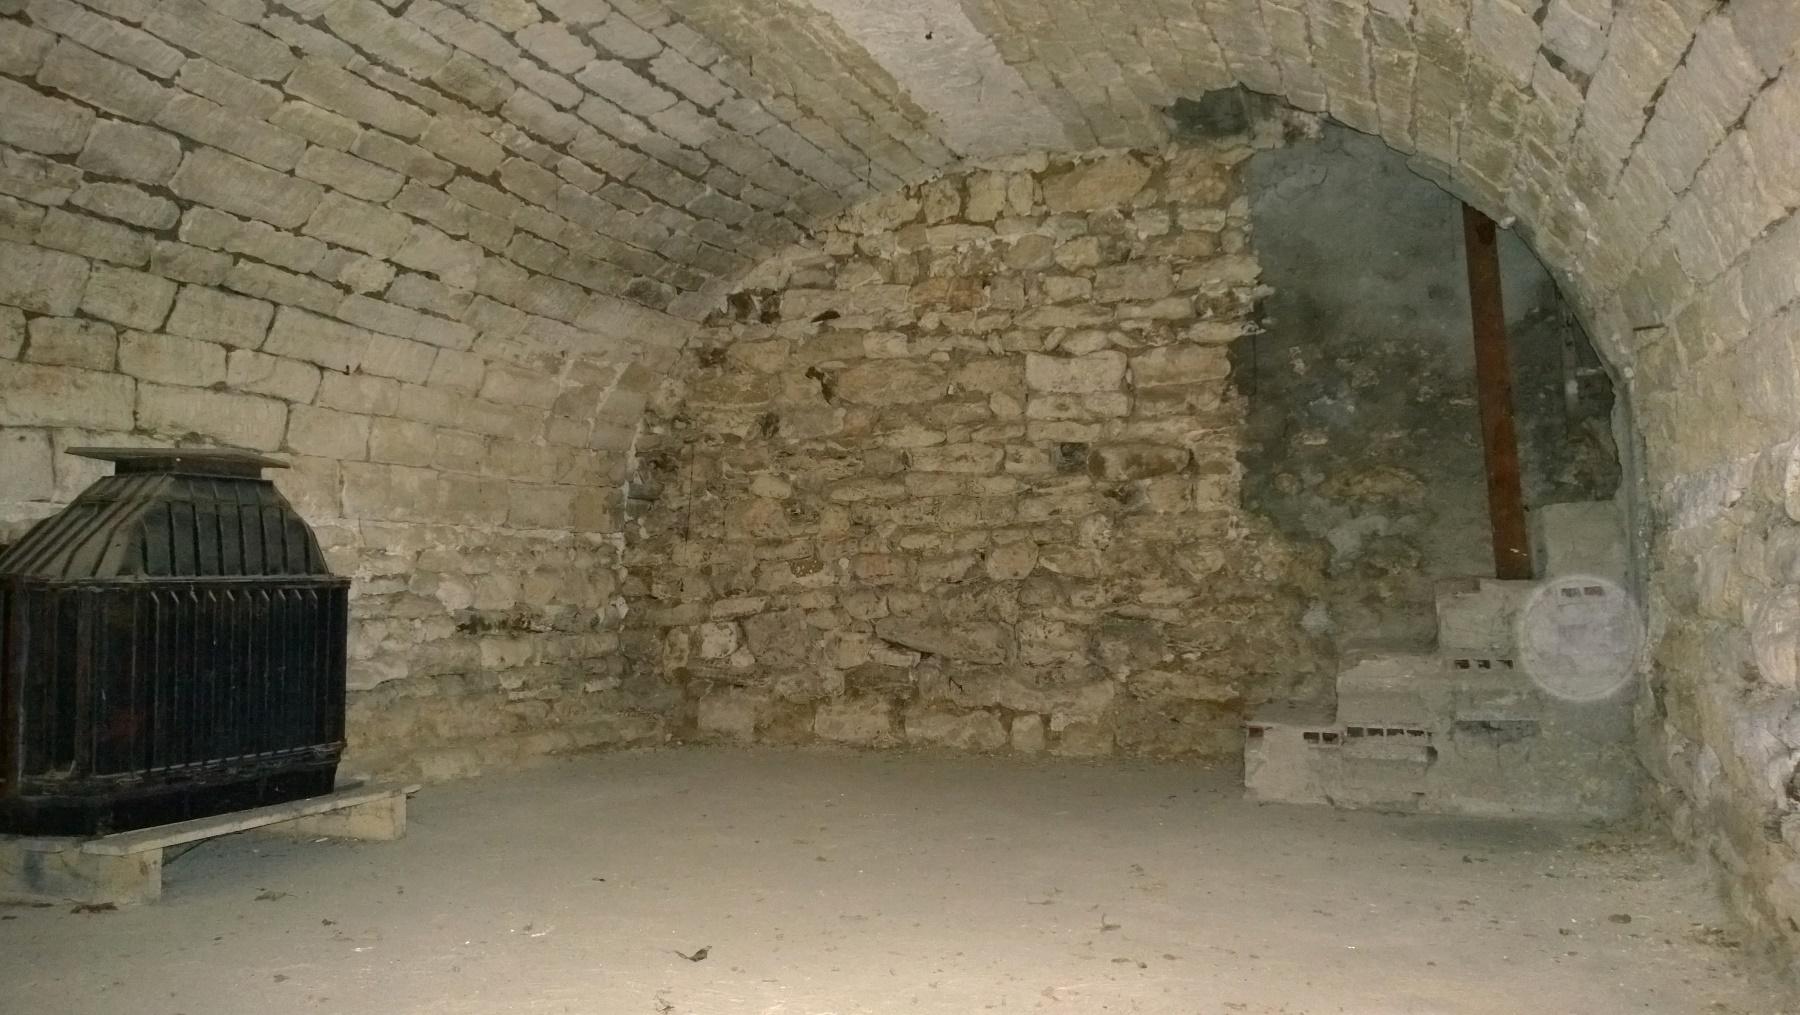 Ventes maison de ville r nover t1 f1 bouafle charme de for Loft a renover region parisienne